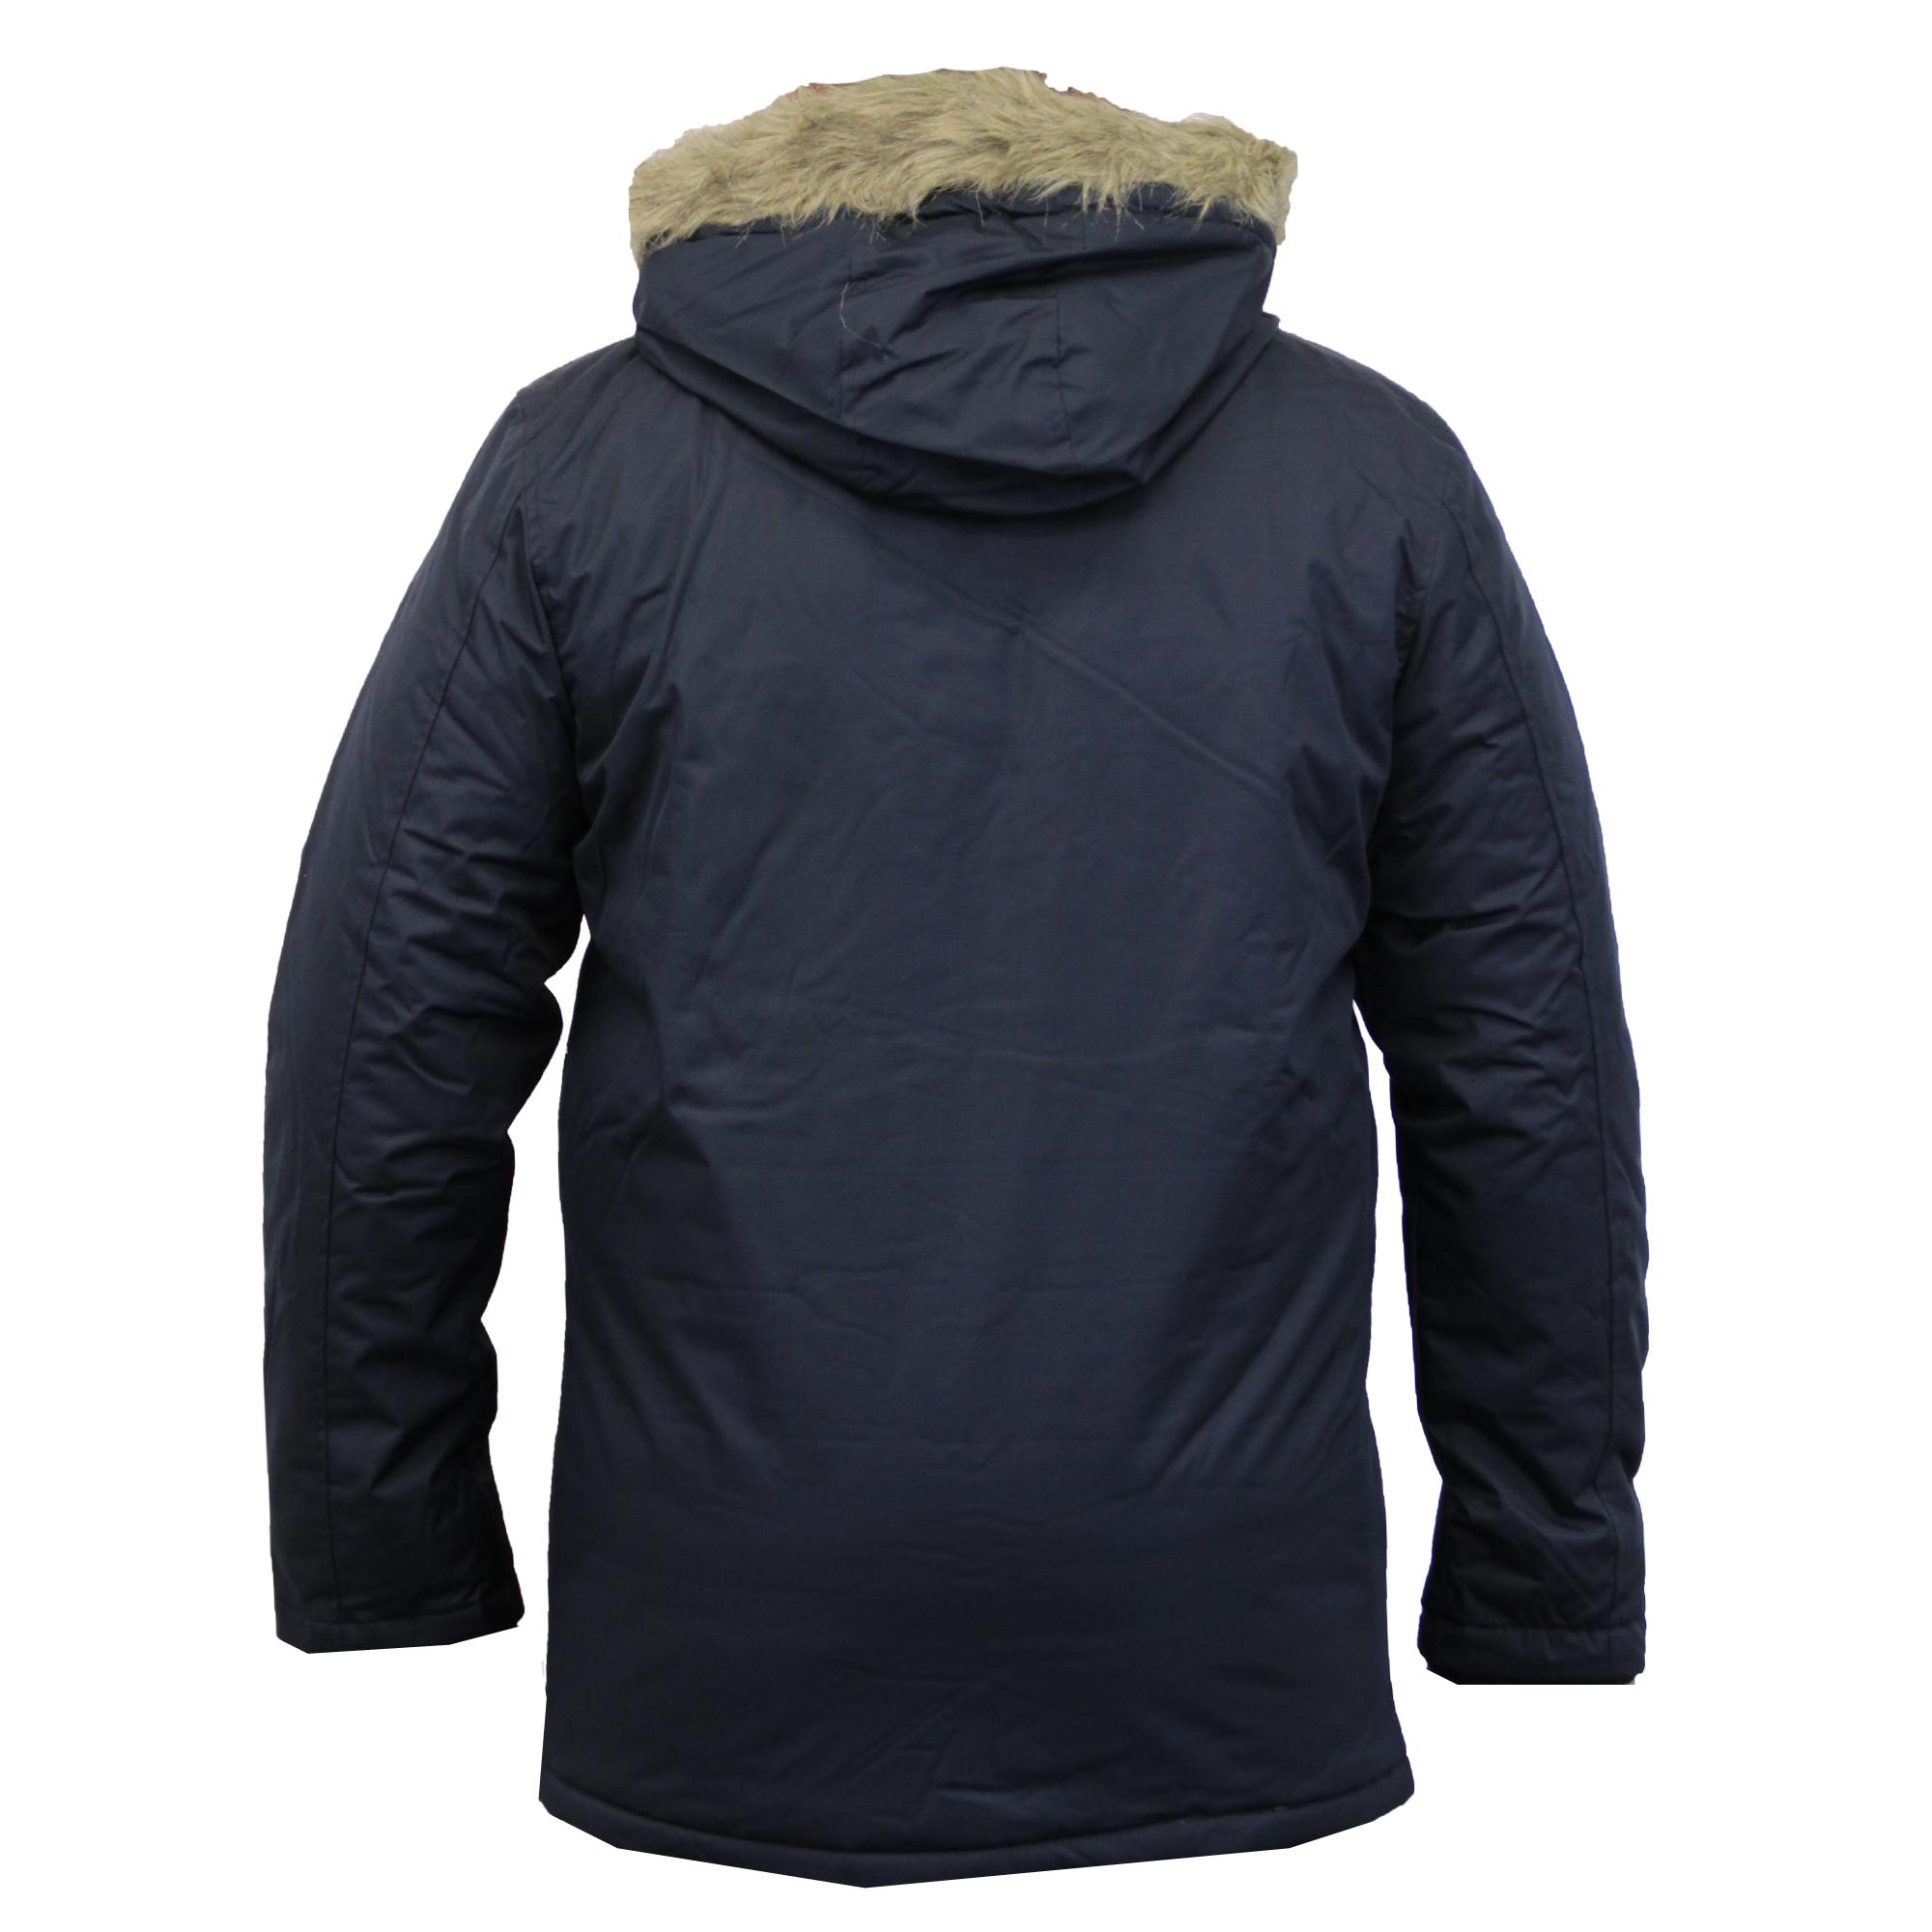 Mens jacket lined with fur - Mens Jacket Parka Coat Brave Soul Padded Hooded